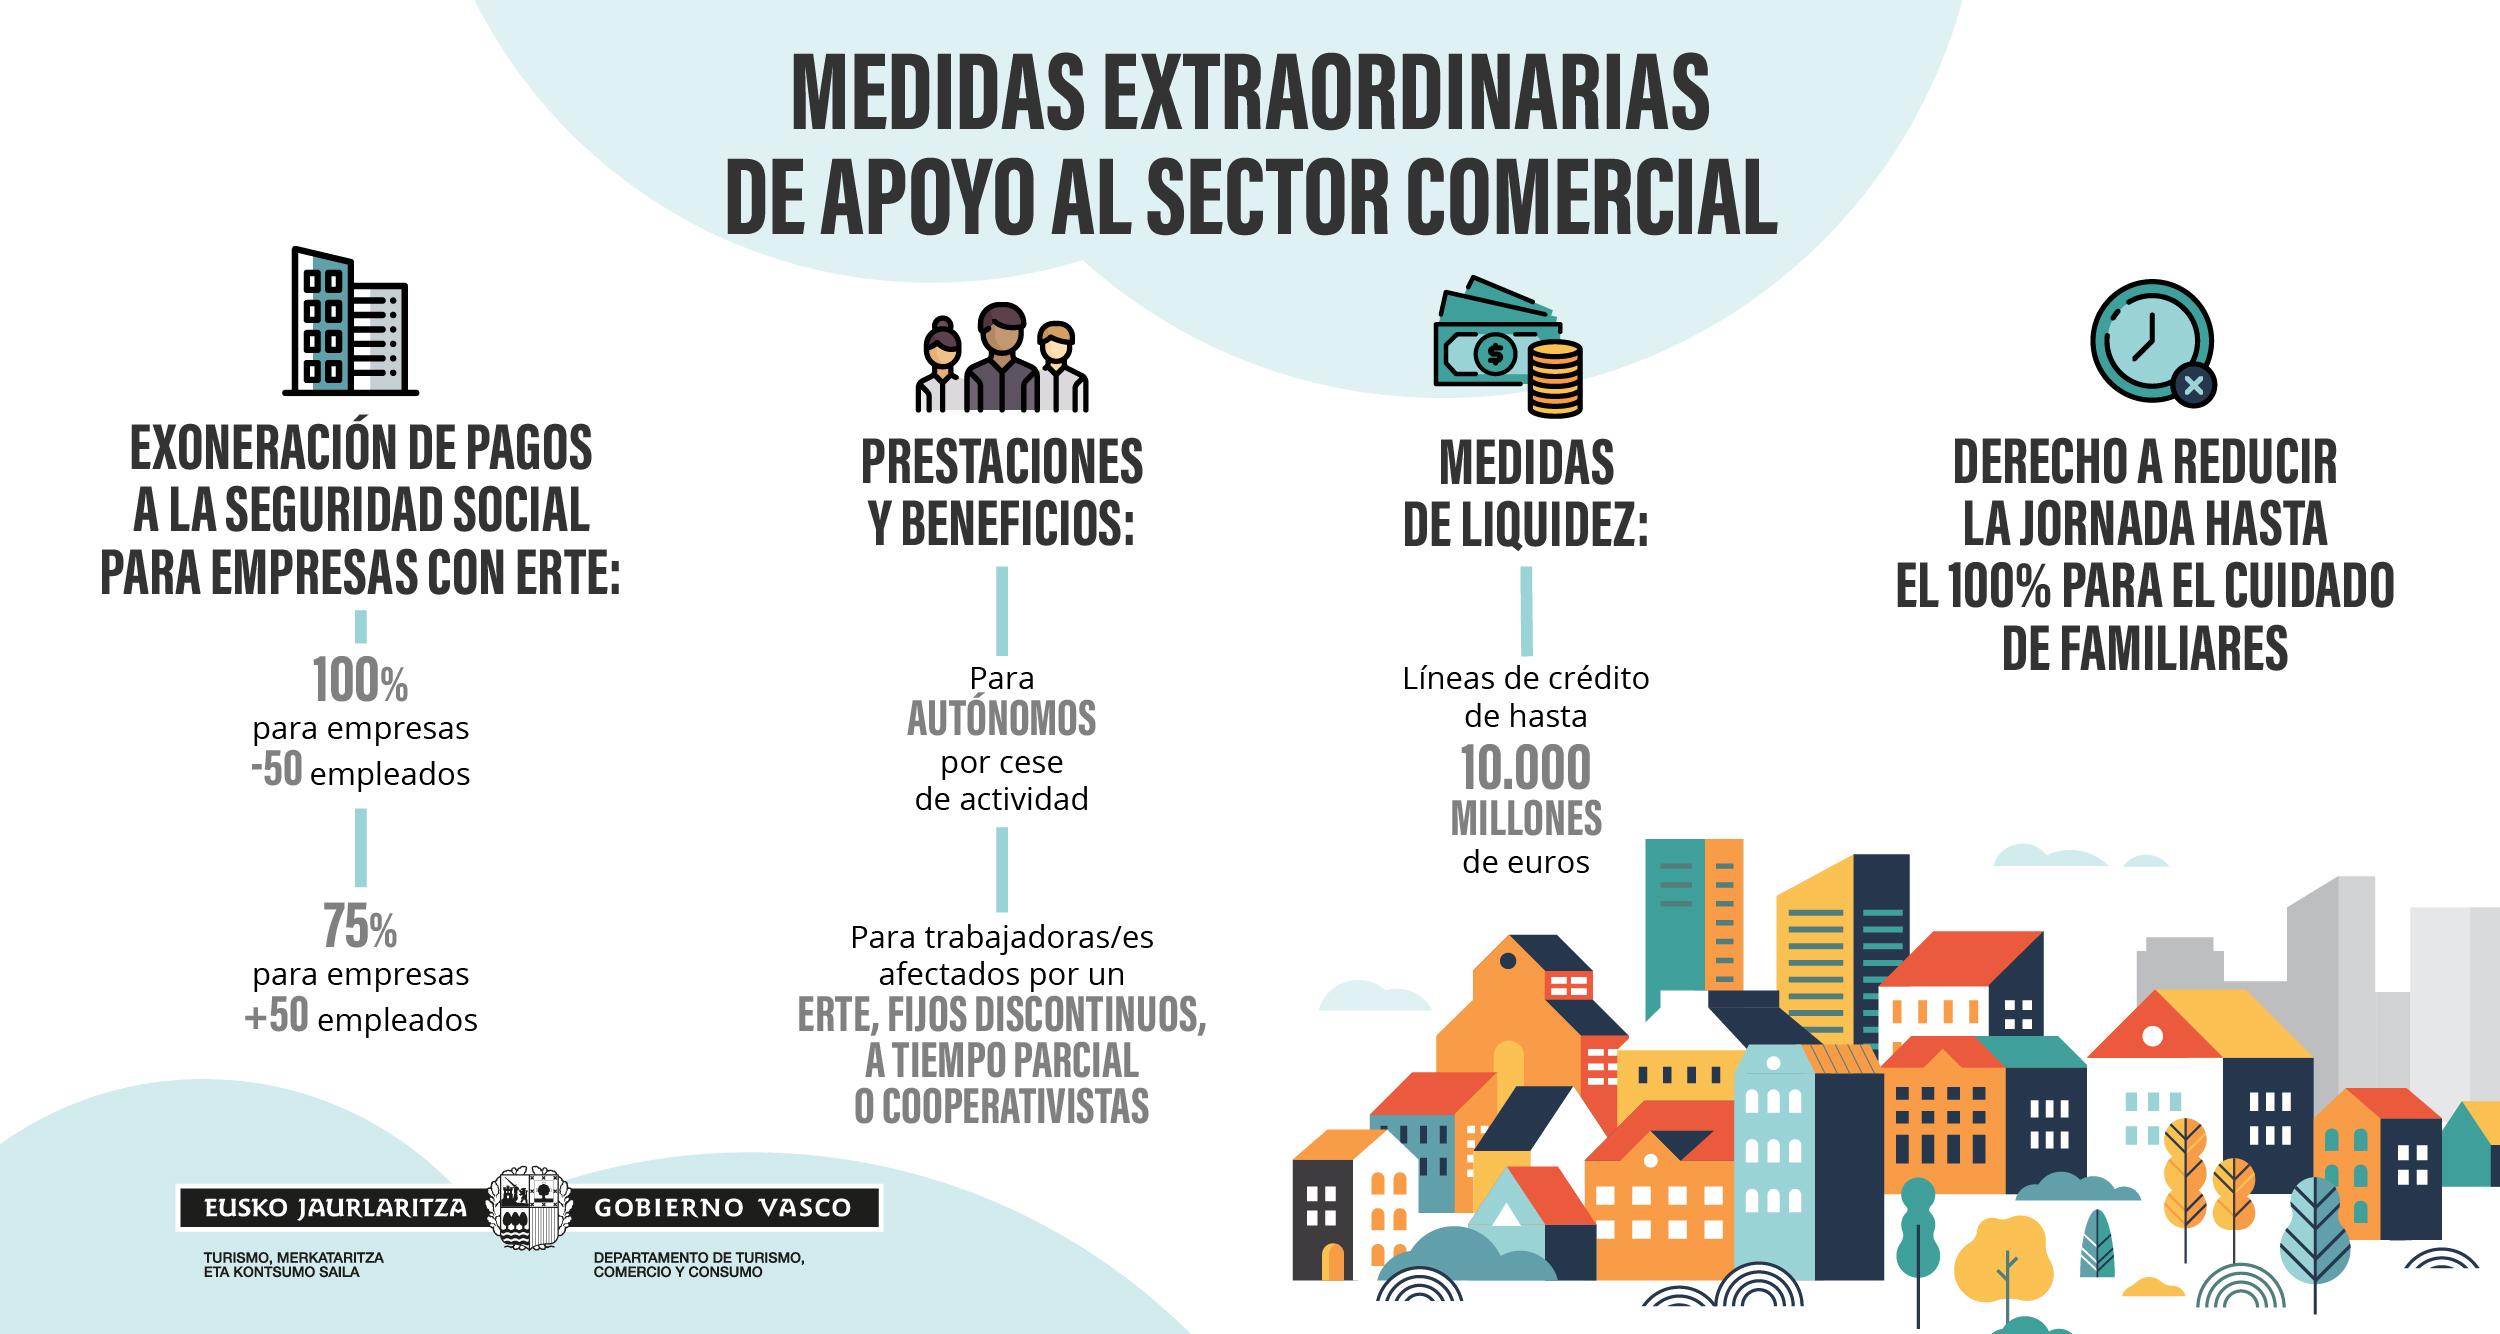 apoyosectorcomercial_Mesa_de_trabajo_1.jpg